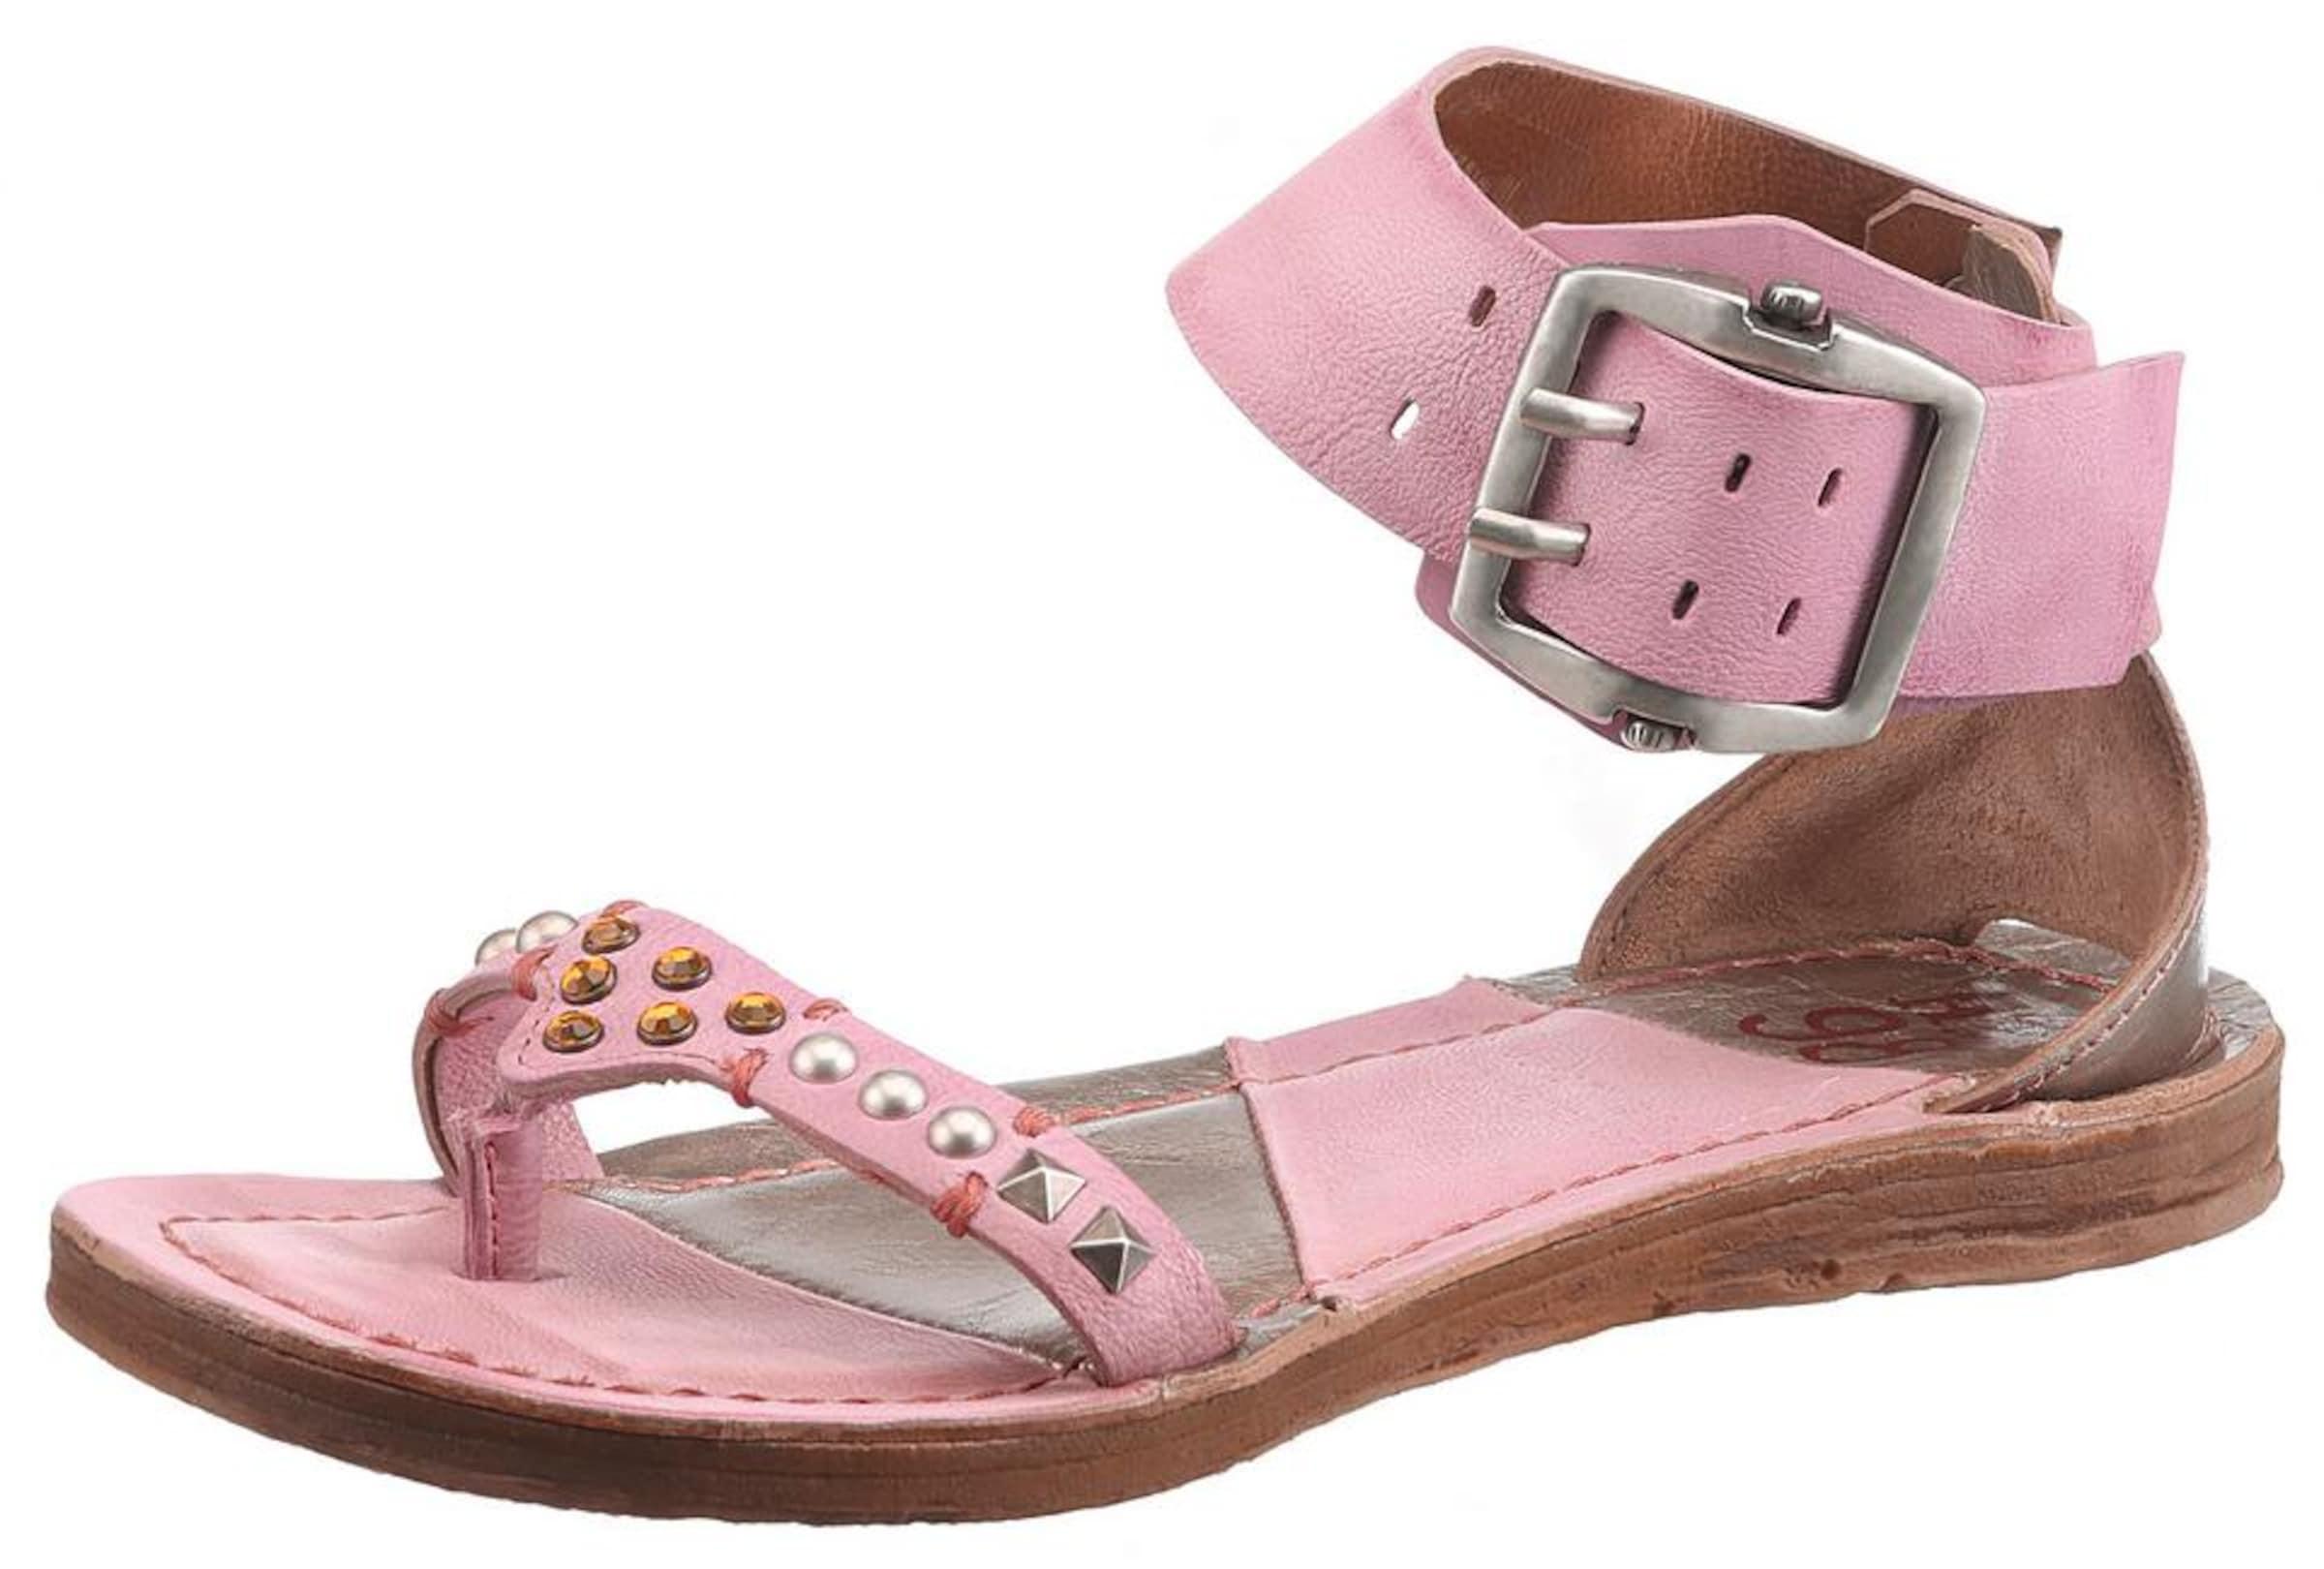 A.S.98 Riemchensandale Günstige und langlebige Schuhe